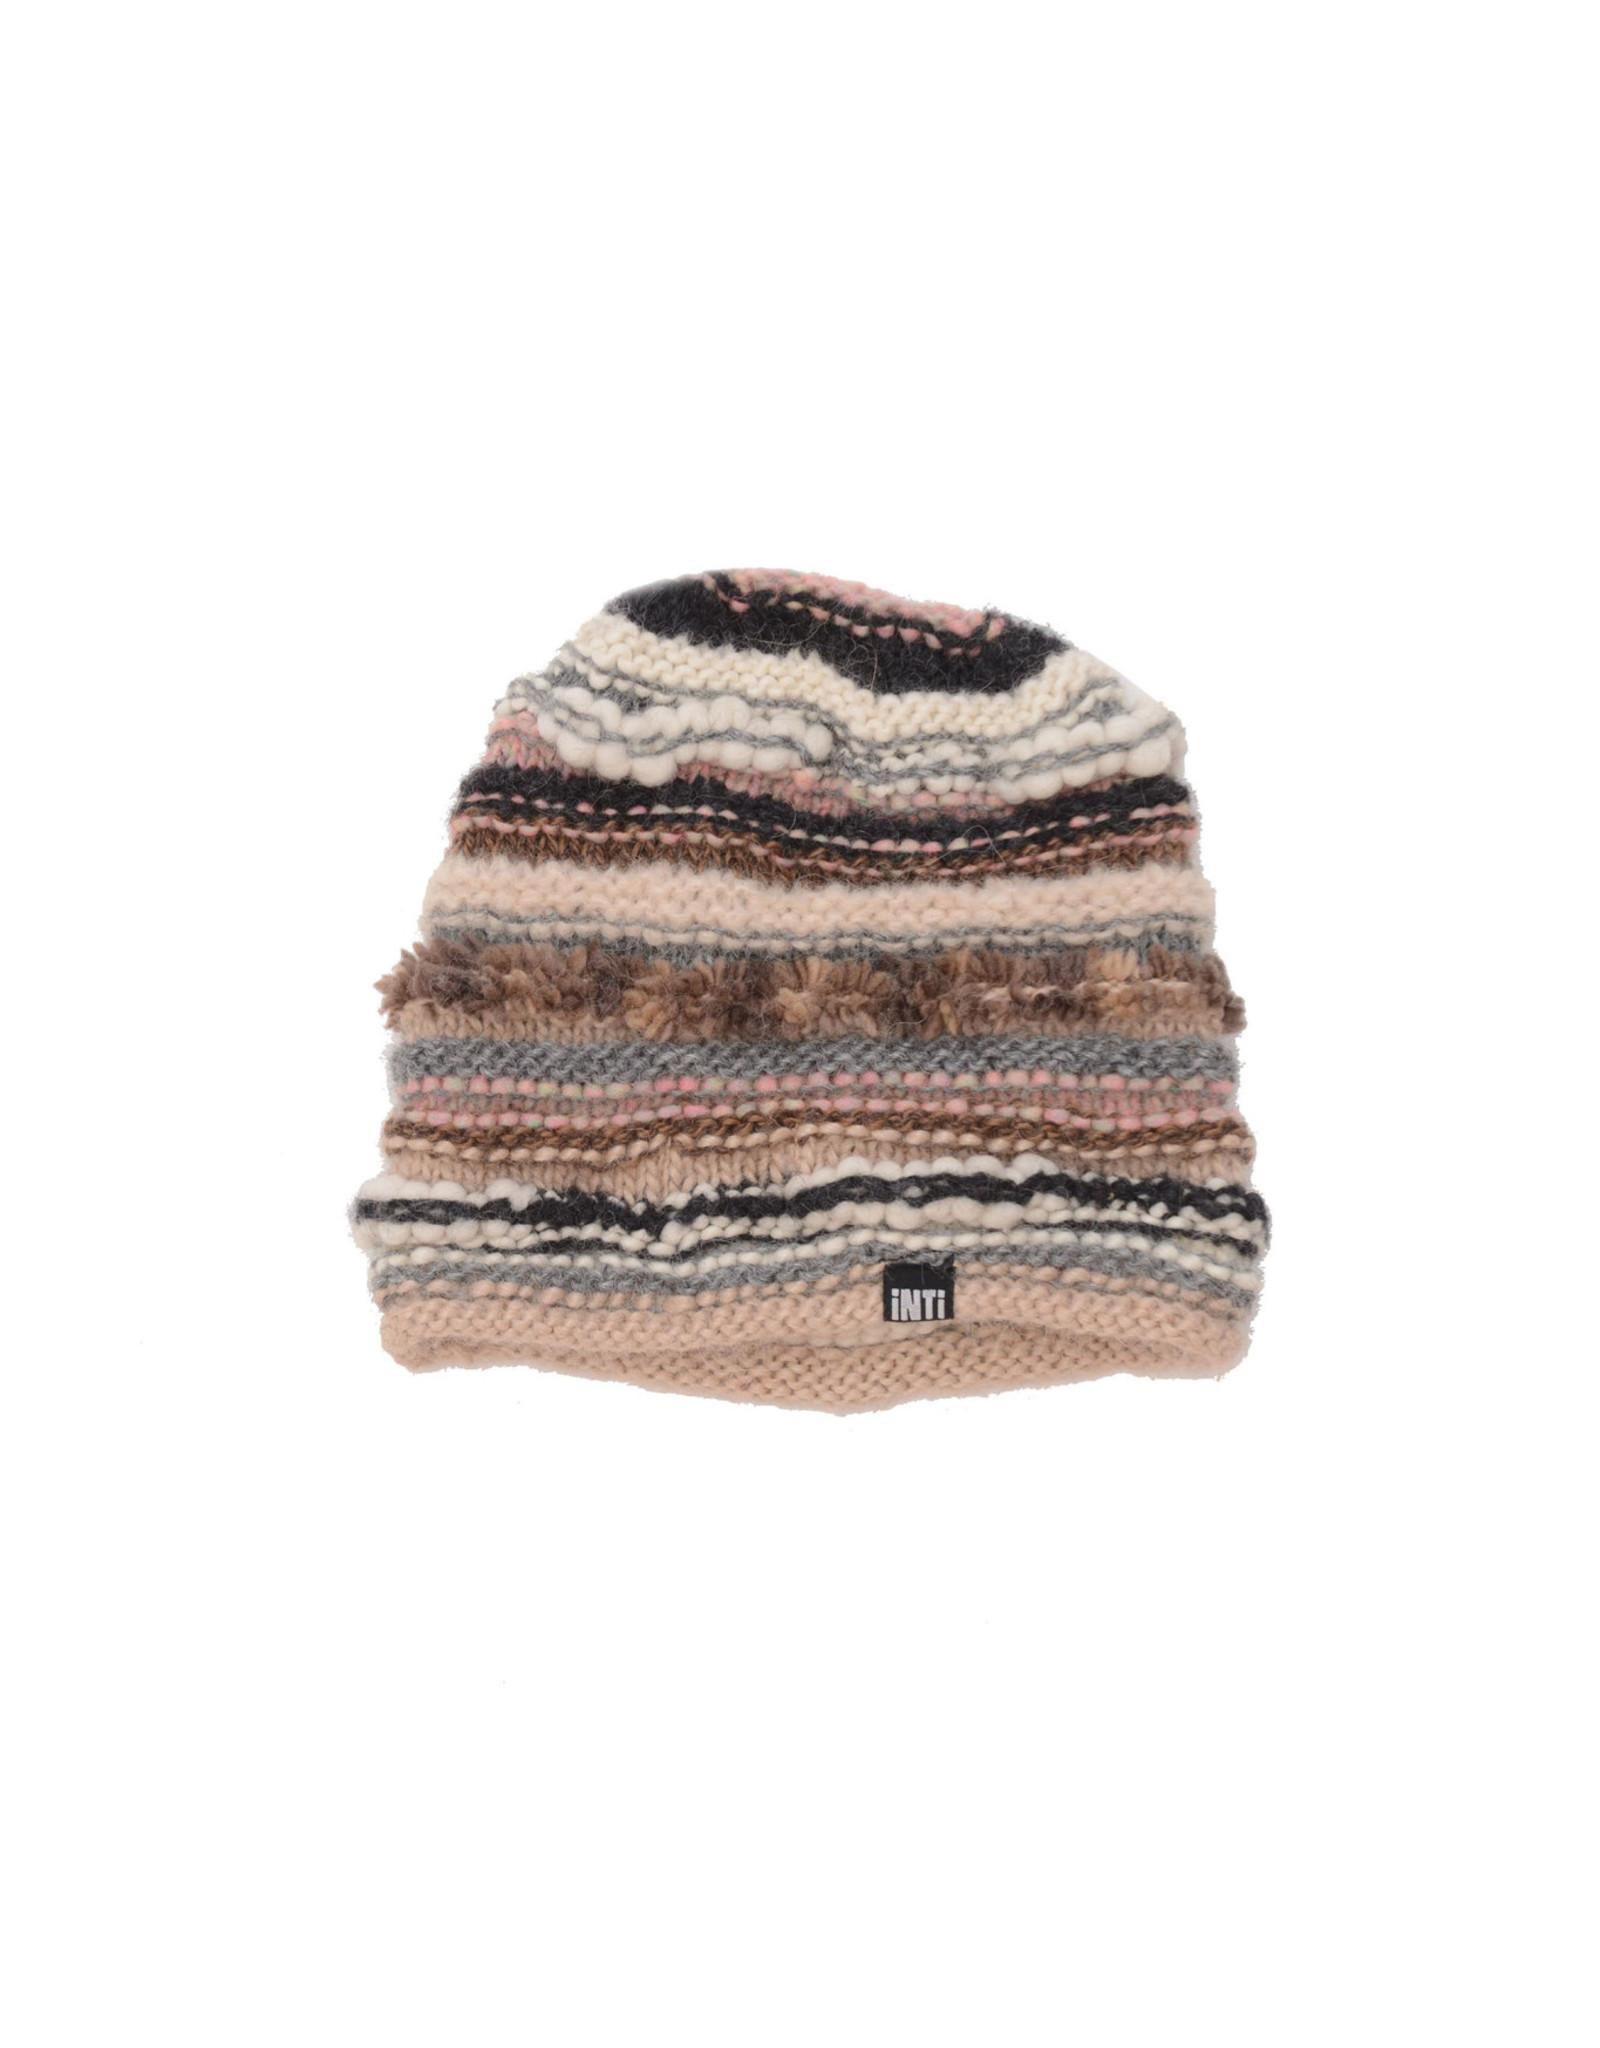 Inti Knitwear muts 'Saturn' baby alpaca